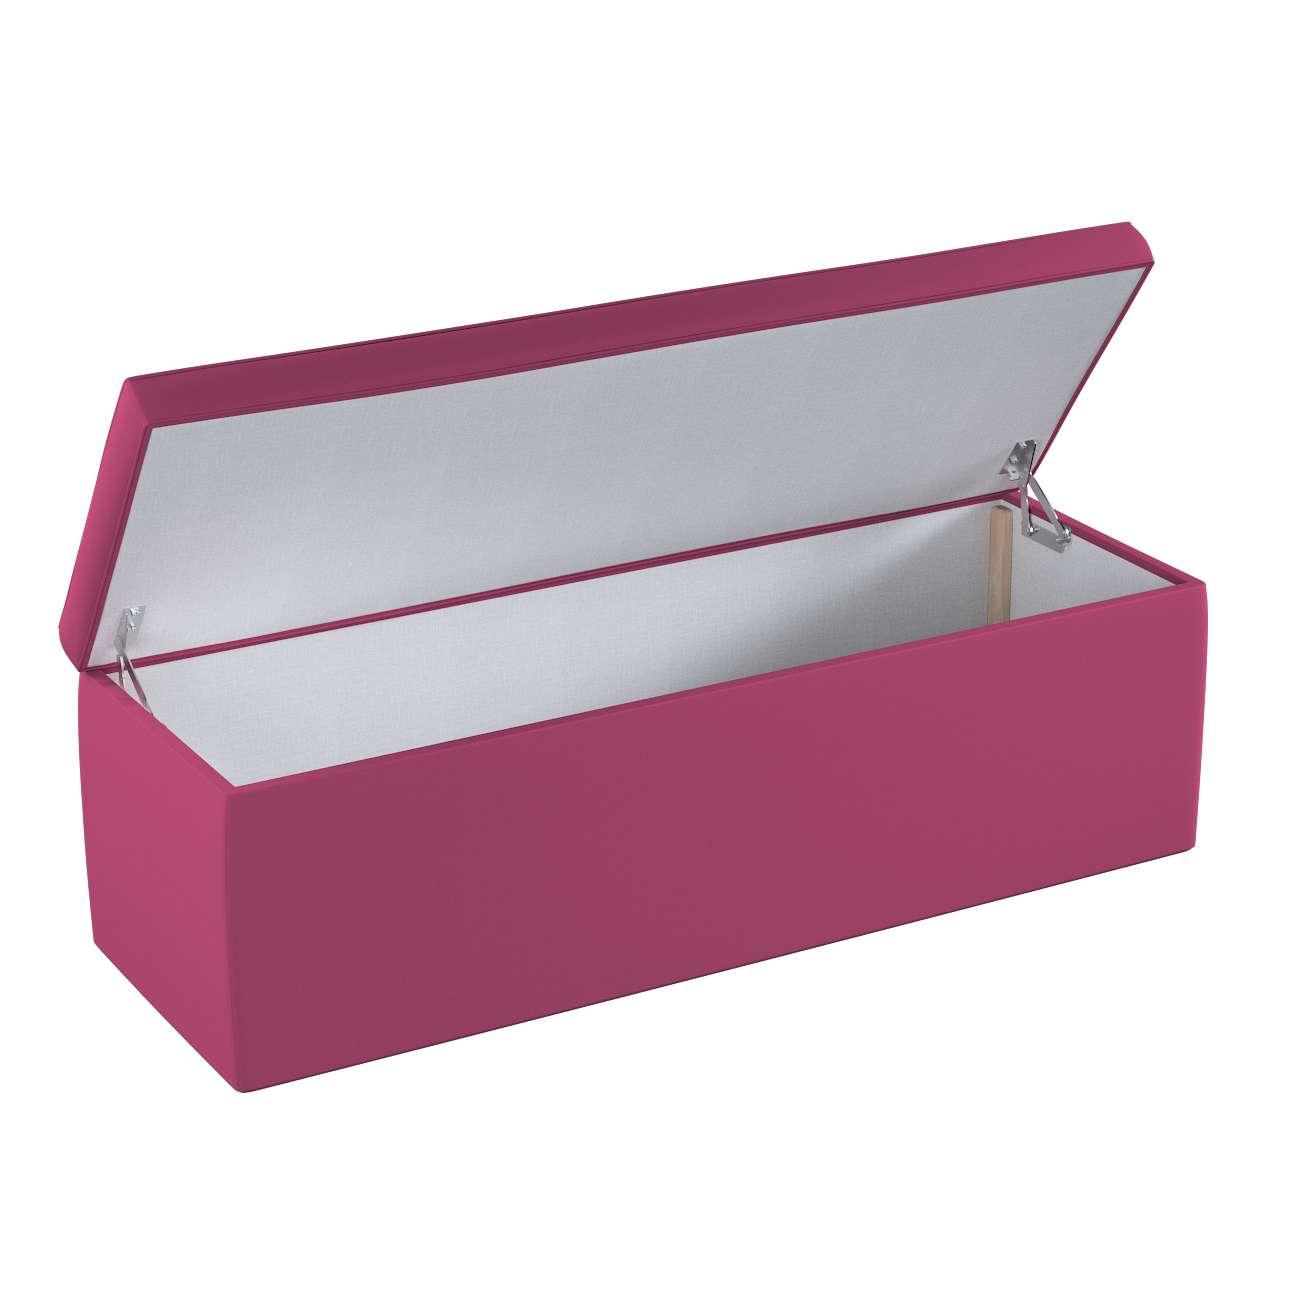 Čalouněná skříň s volbou látky - 2 velikosti v kolekci Cotton Panama, látka: 702-32